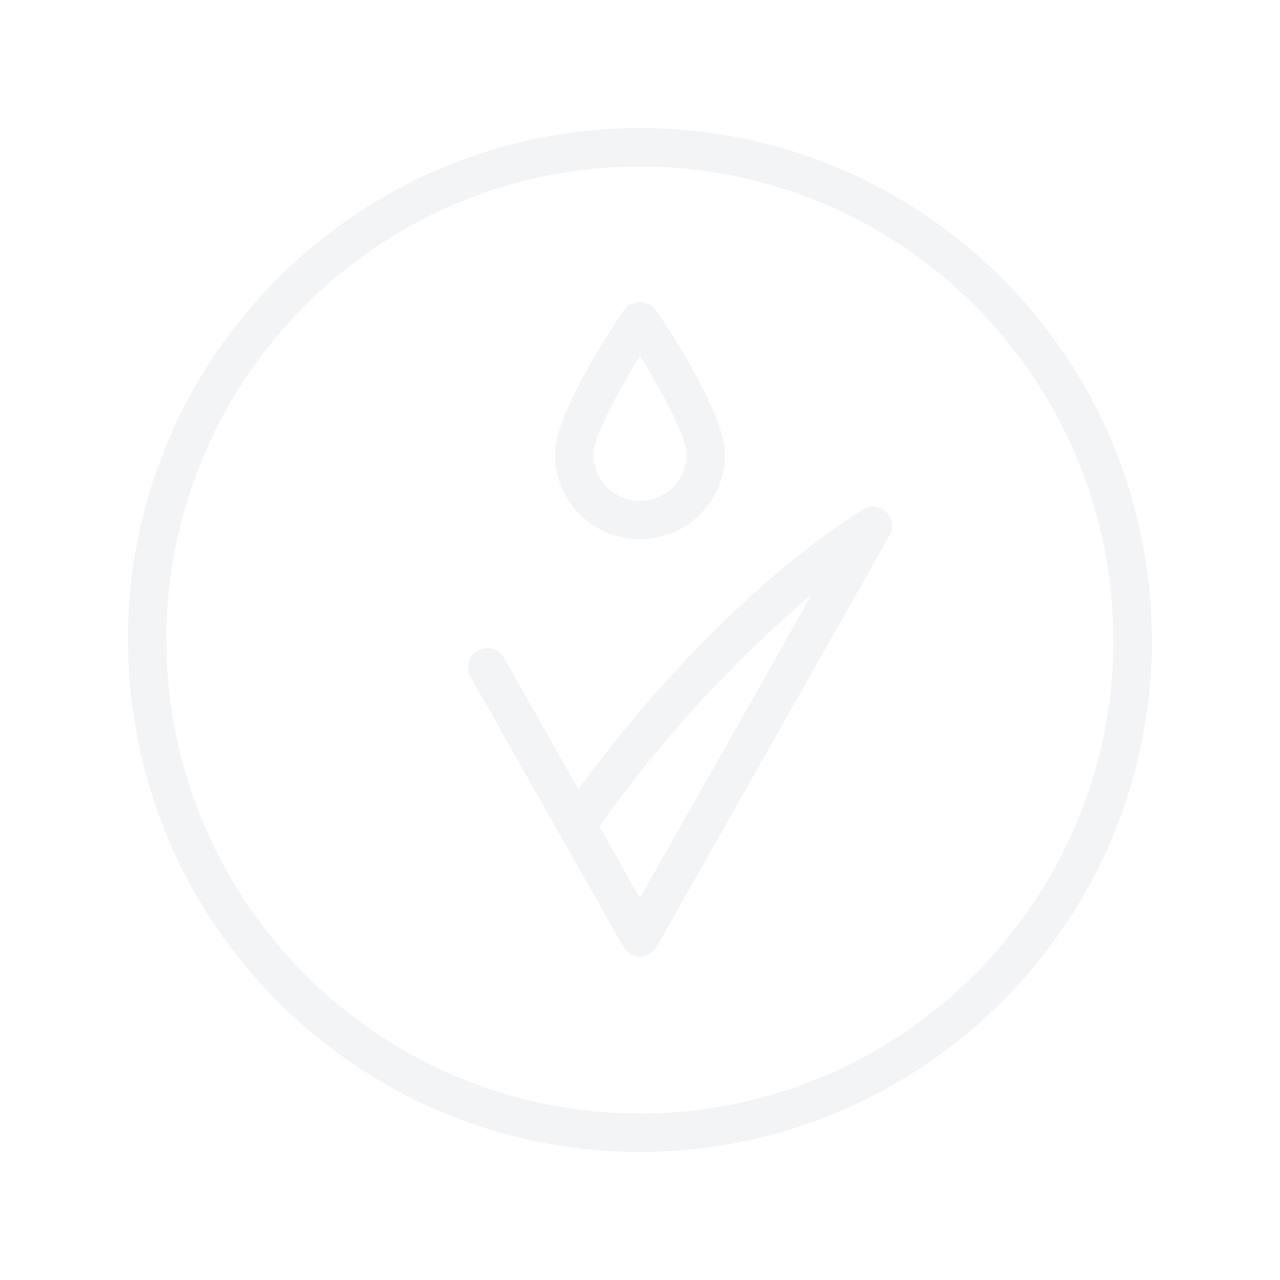 L'OREAL Super Liner Le Khol Eye Pencil No.101 Midnight Black